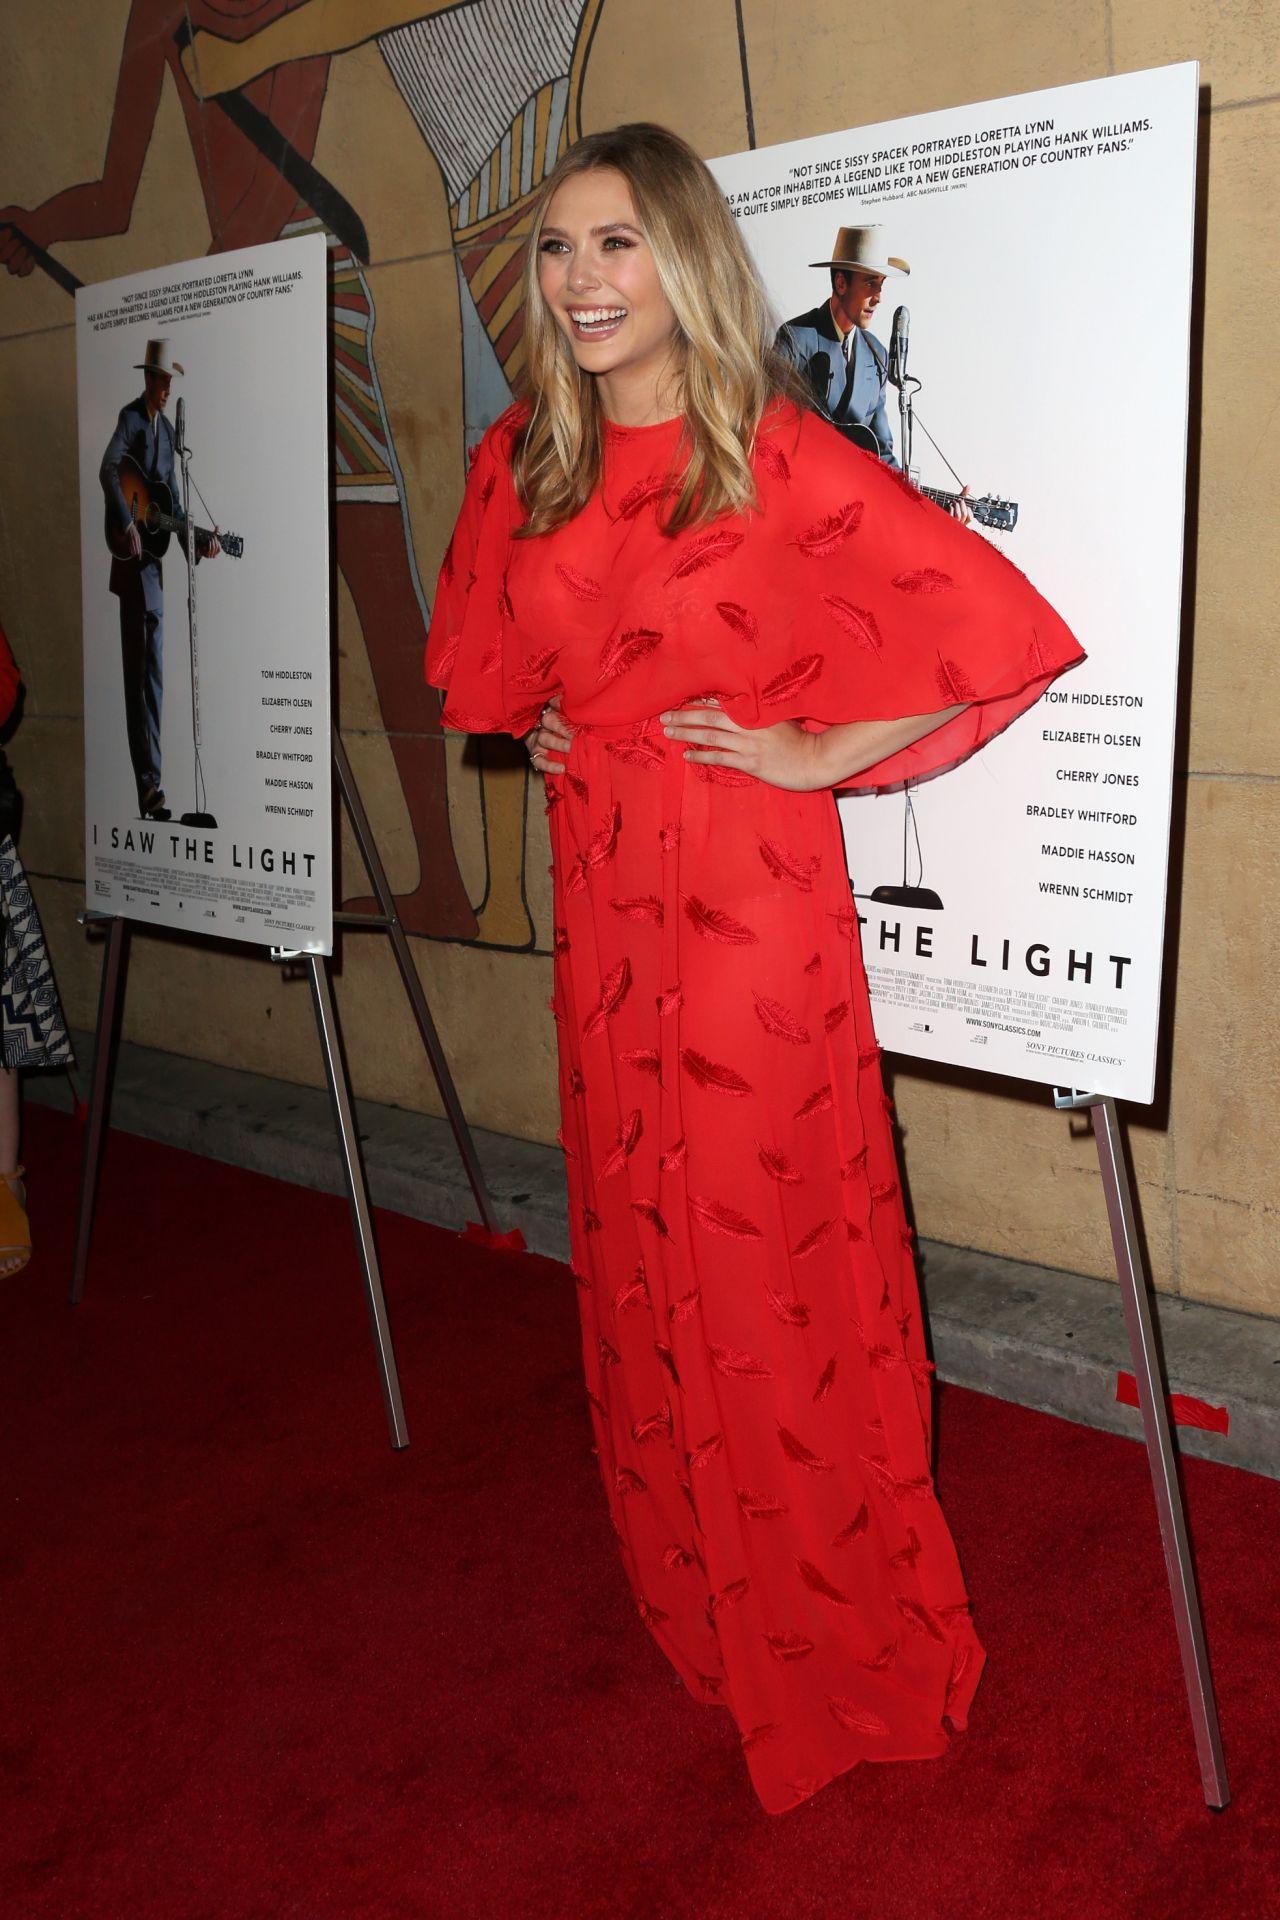 elizabeth-olsen-i-saw-the-light-premiere-in-hollywood-8